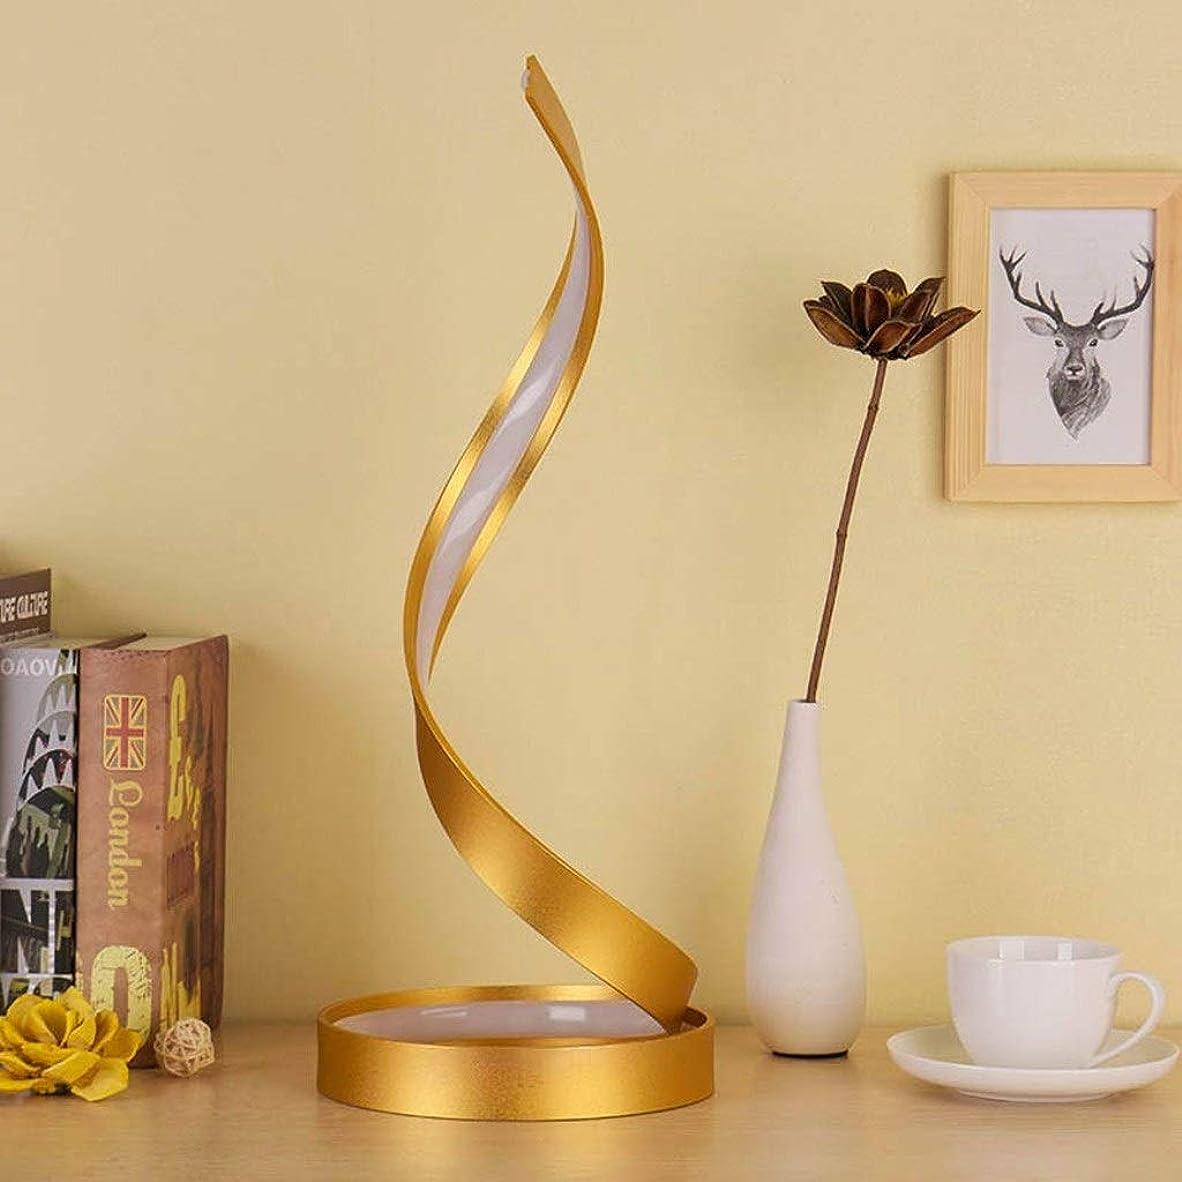 変わる能力ピンポイント現代のファッションは、デスクランプ調光対応スパイラルアートテーブルランプウォームホワイトライト室内照明テーブルライトサーペンタインクリエイティブ省エネ読書灯目の保護ナイトライトをLED (Color : ゴールド)